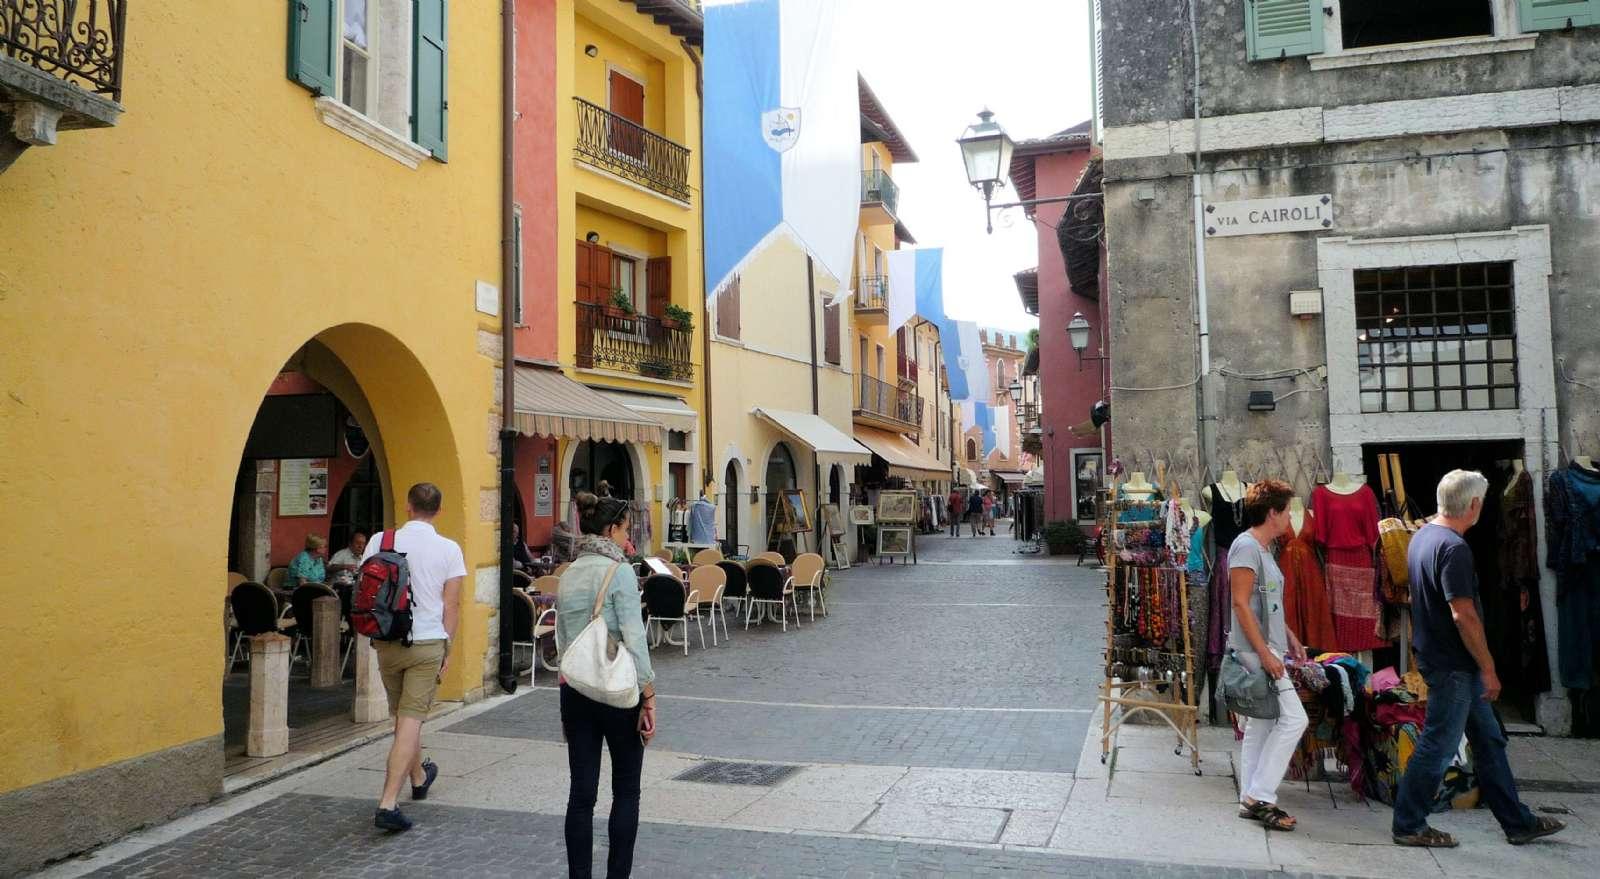 Les rues piétonnes de Piazza Chiesa et Piazza Calderini